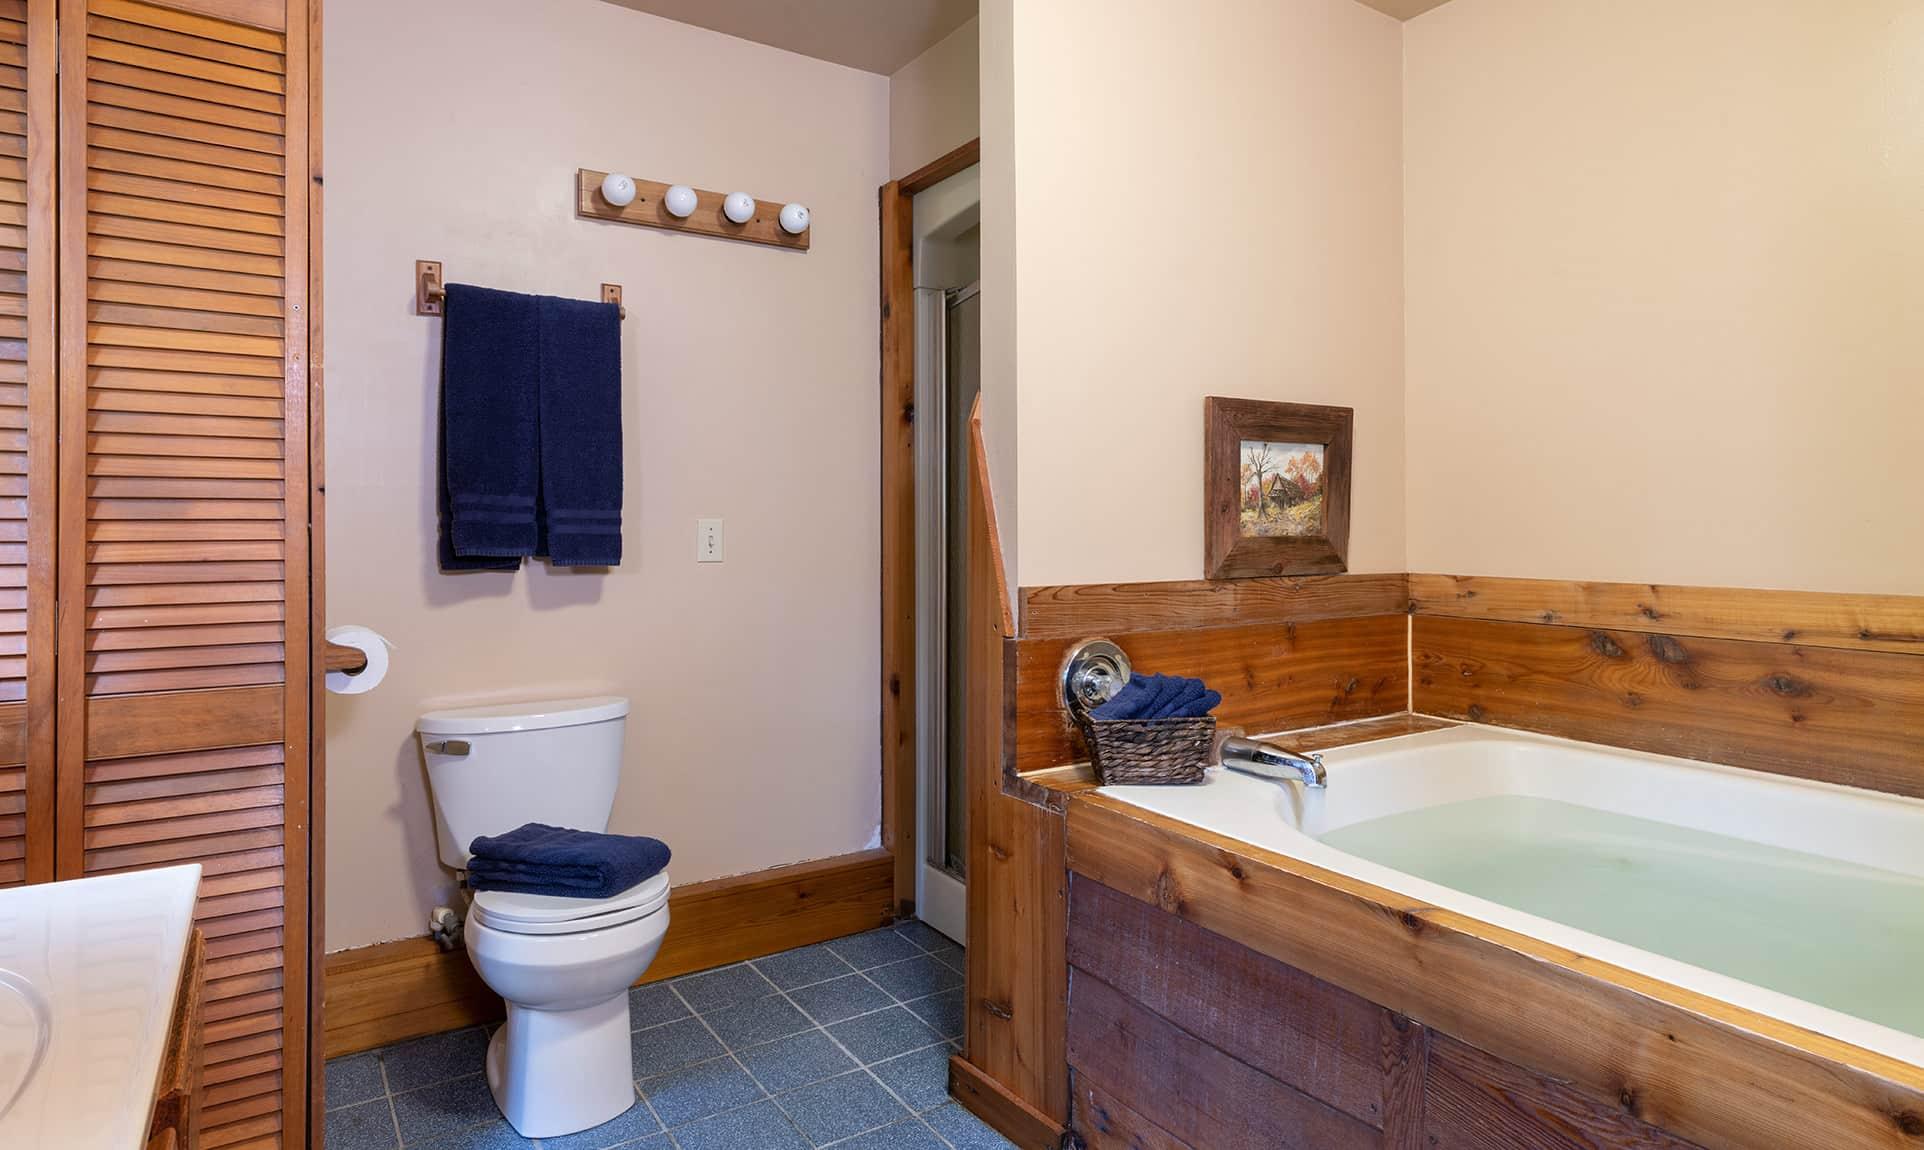 Commanche Cabin bathroom